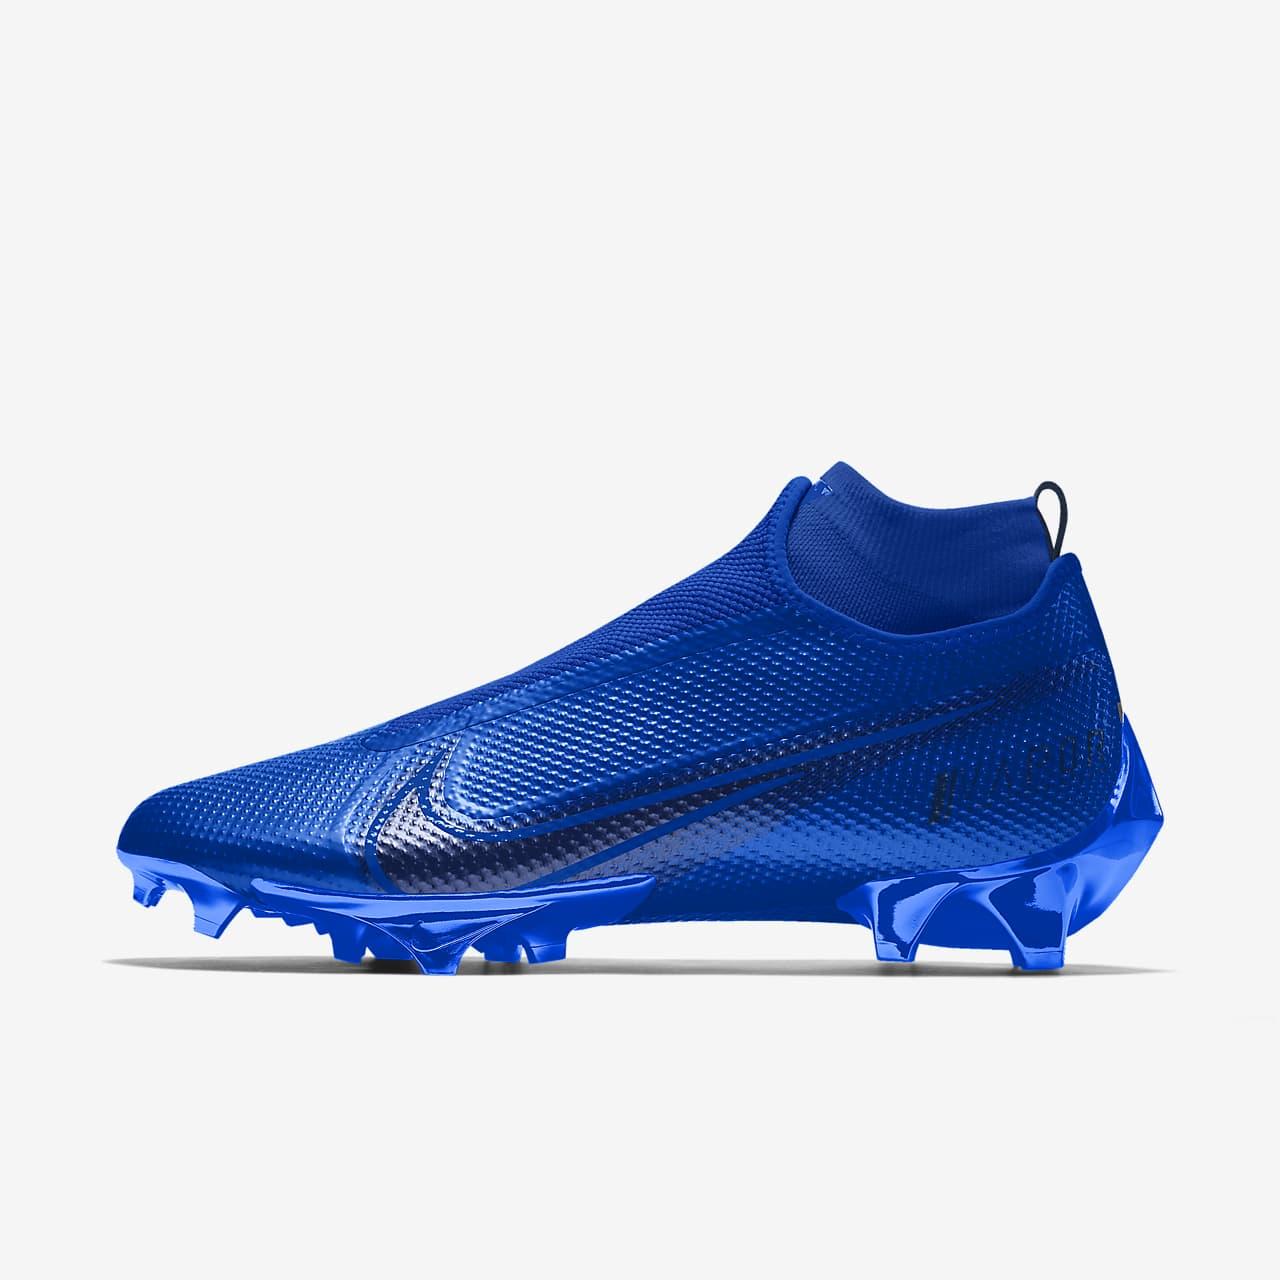 รองเท้าสตั๊ดฟุตบอลออกแบบเอง Nike Vapor Edge Pro 360 By You